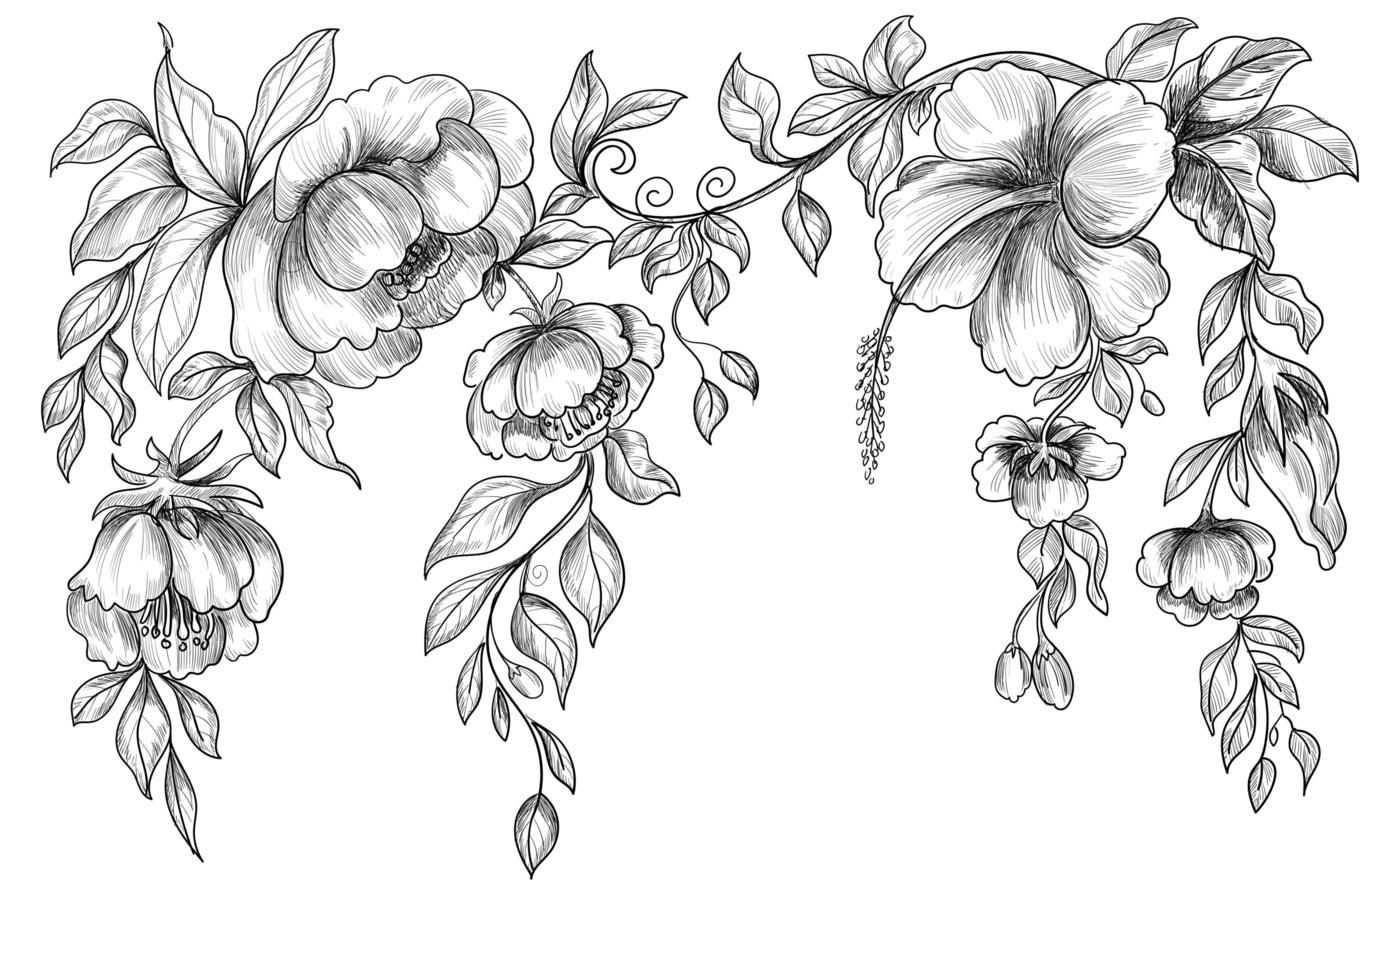 fond de croquis floral de mariage vecteur